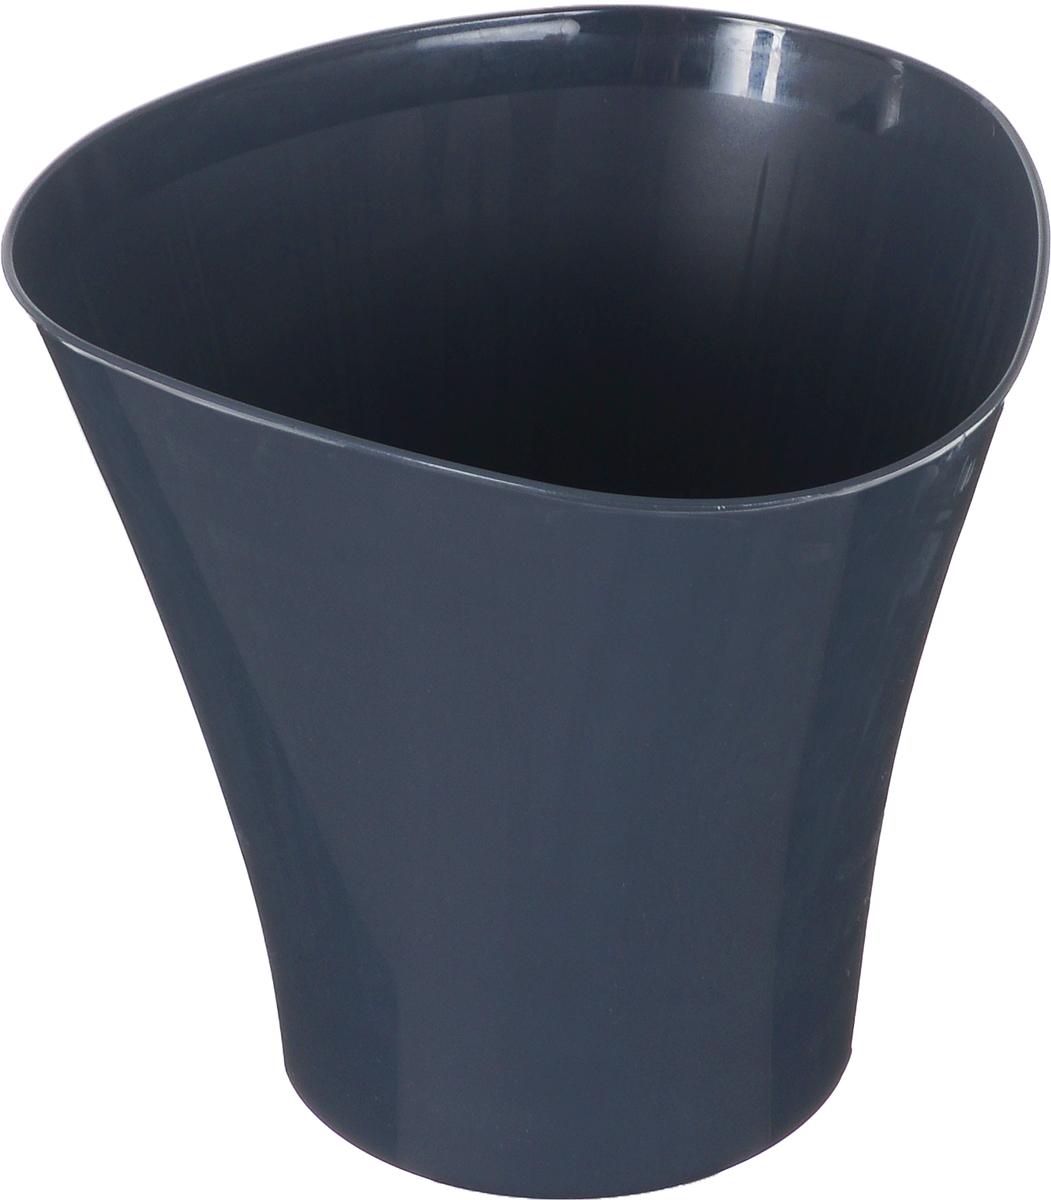 Кашпо JetPlast Волна, цвет: антрацит, 3 лMRC161MКашпо Волна имеет уникальную форму, сочетающуюся как с классическим, так и с современным дизайном интерьера. Оно изготовлено из прочного полипропилена (пластика) и предназначено для выращивания растений, цветов и трав в домашних условиях. Такое кашпо порадует вас функциональностью, а благодаря лаконичному дизайну впишется в любой интерьер помещения. Объем кашпо: 3 л.